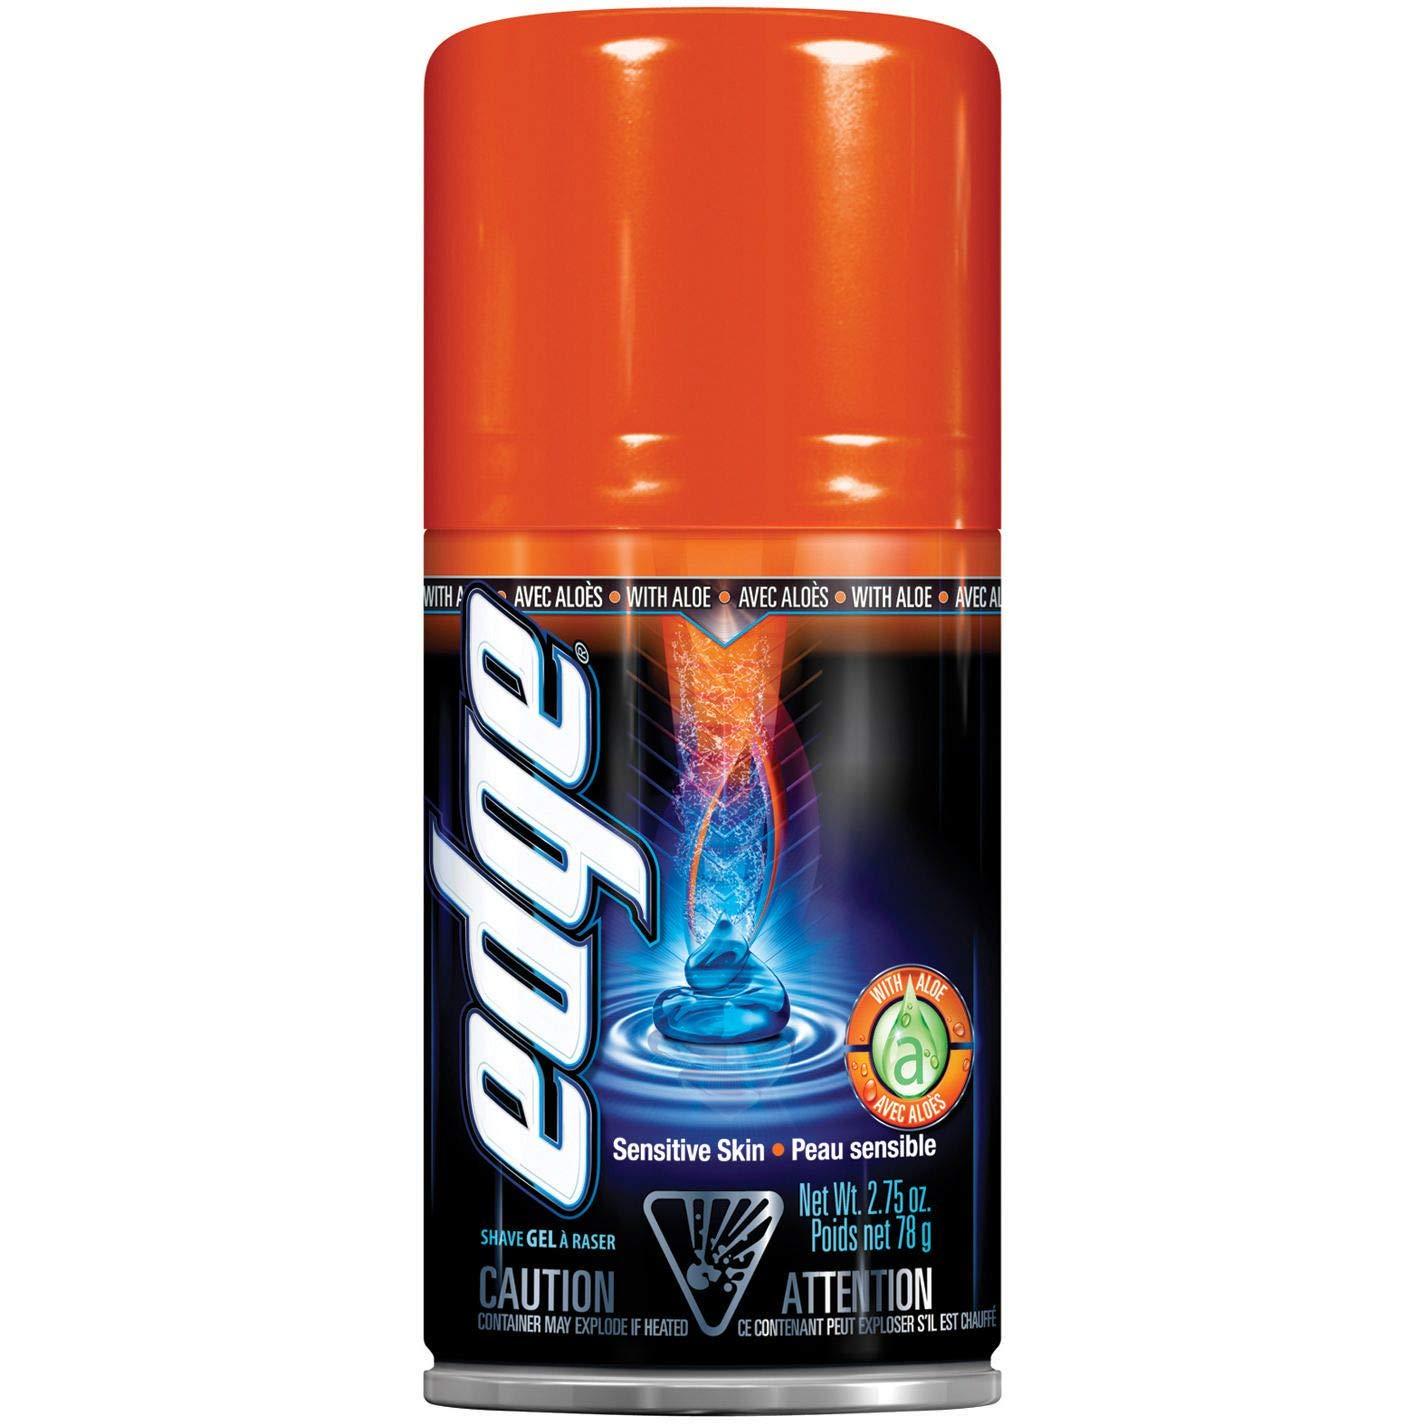 Edge 2.75 oz. Shave Gel (3-Pack)